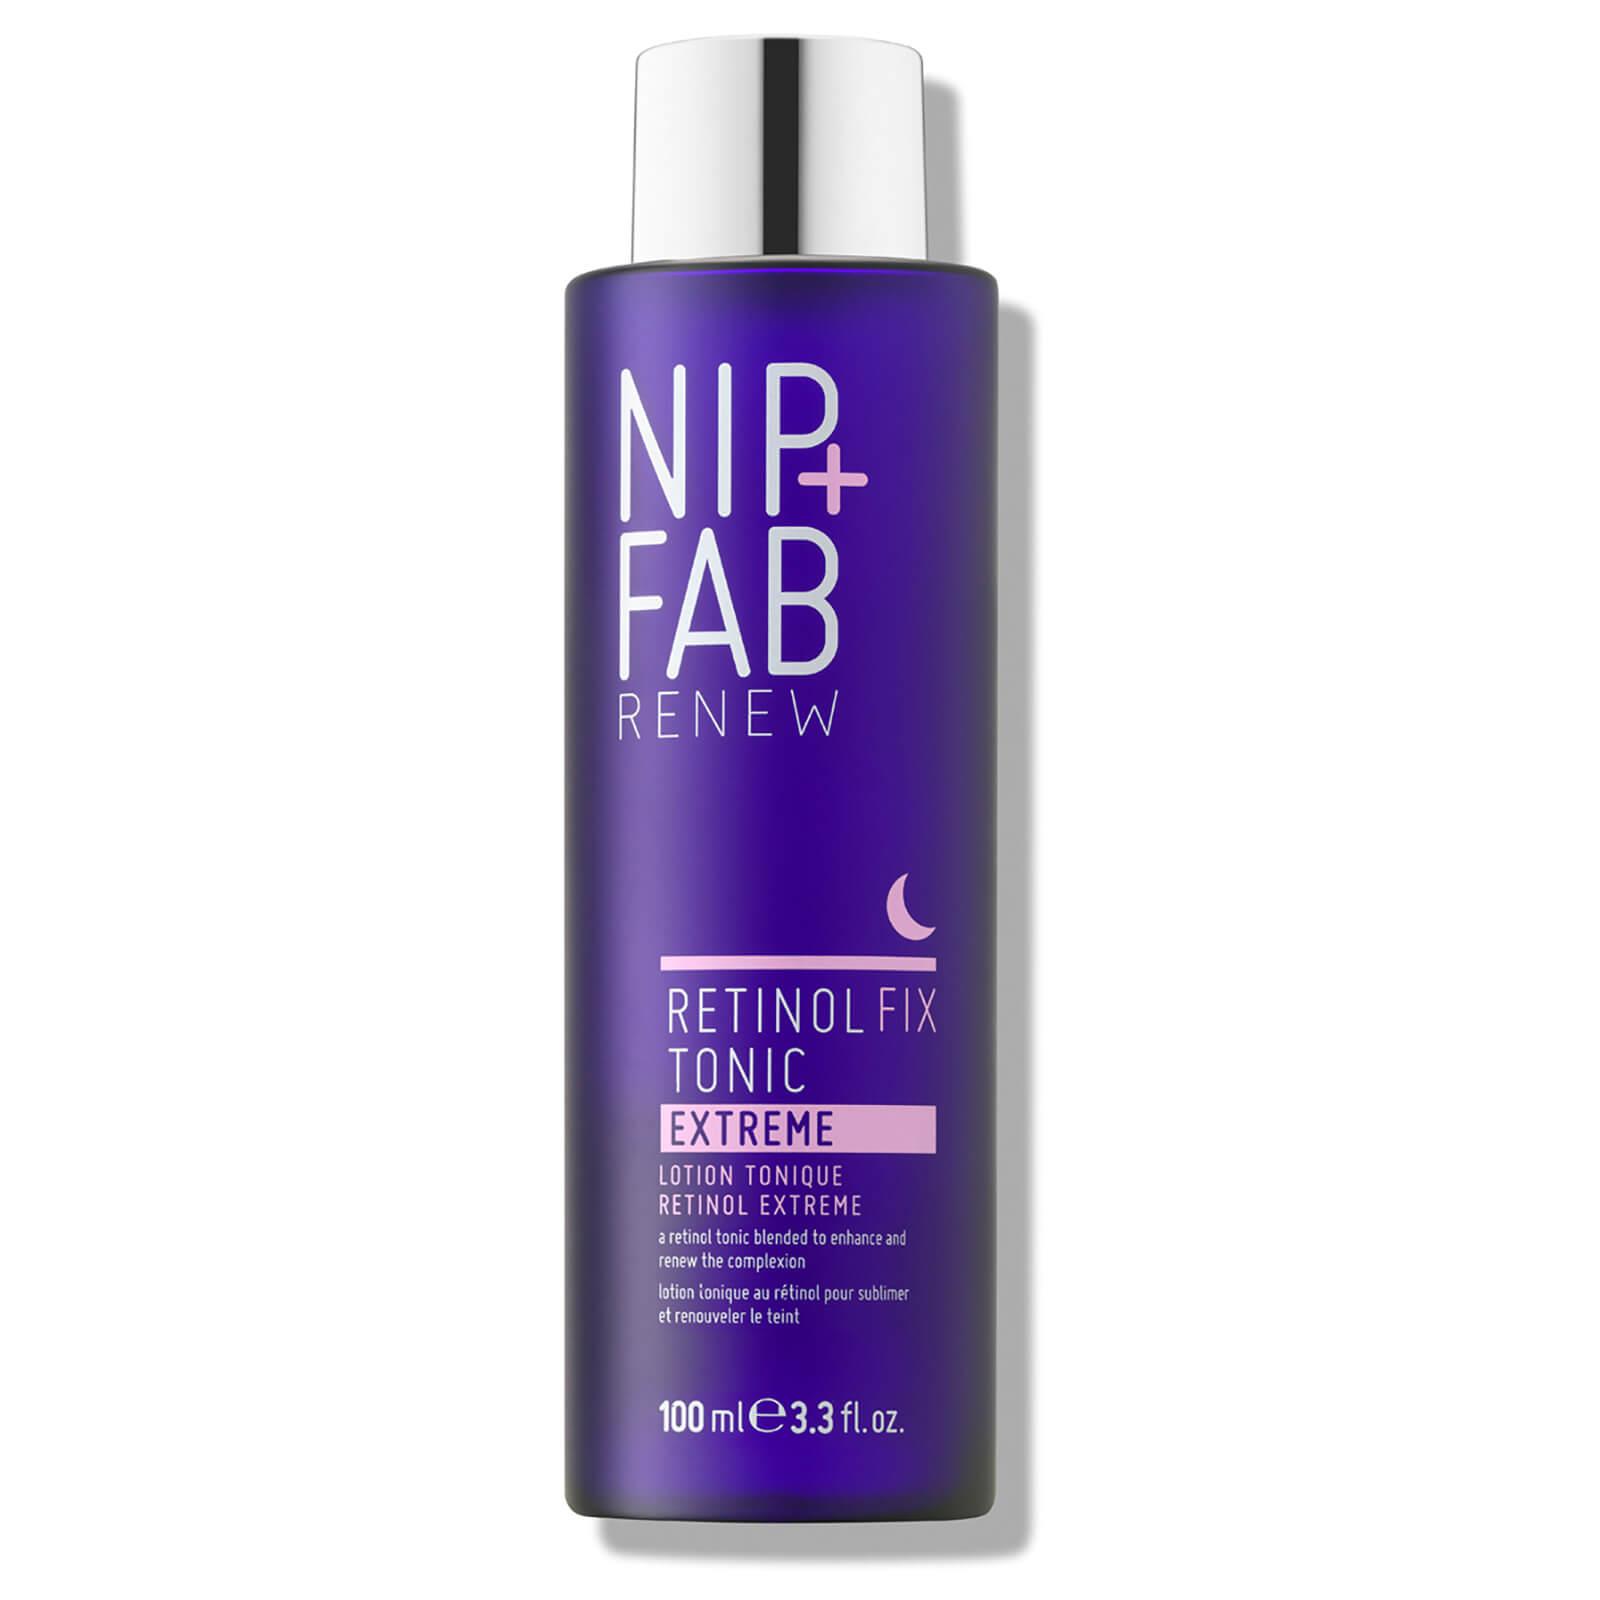 NIP+FAB Retinol Fix Tonic